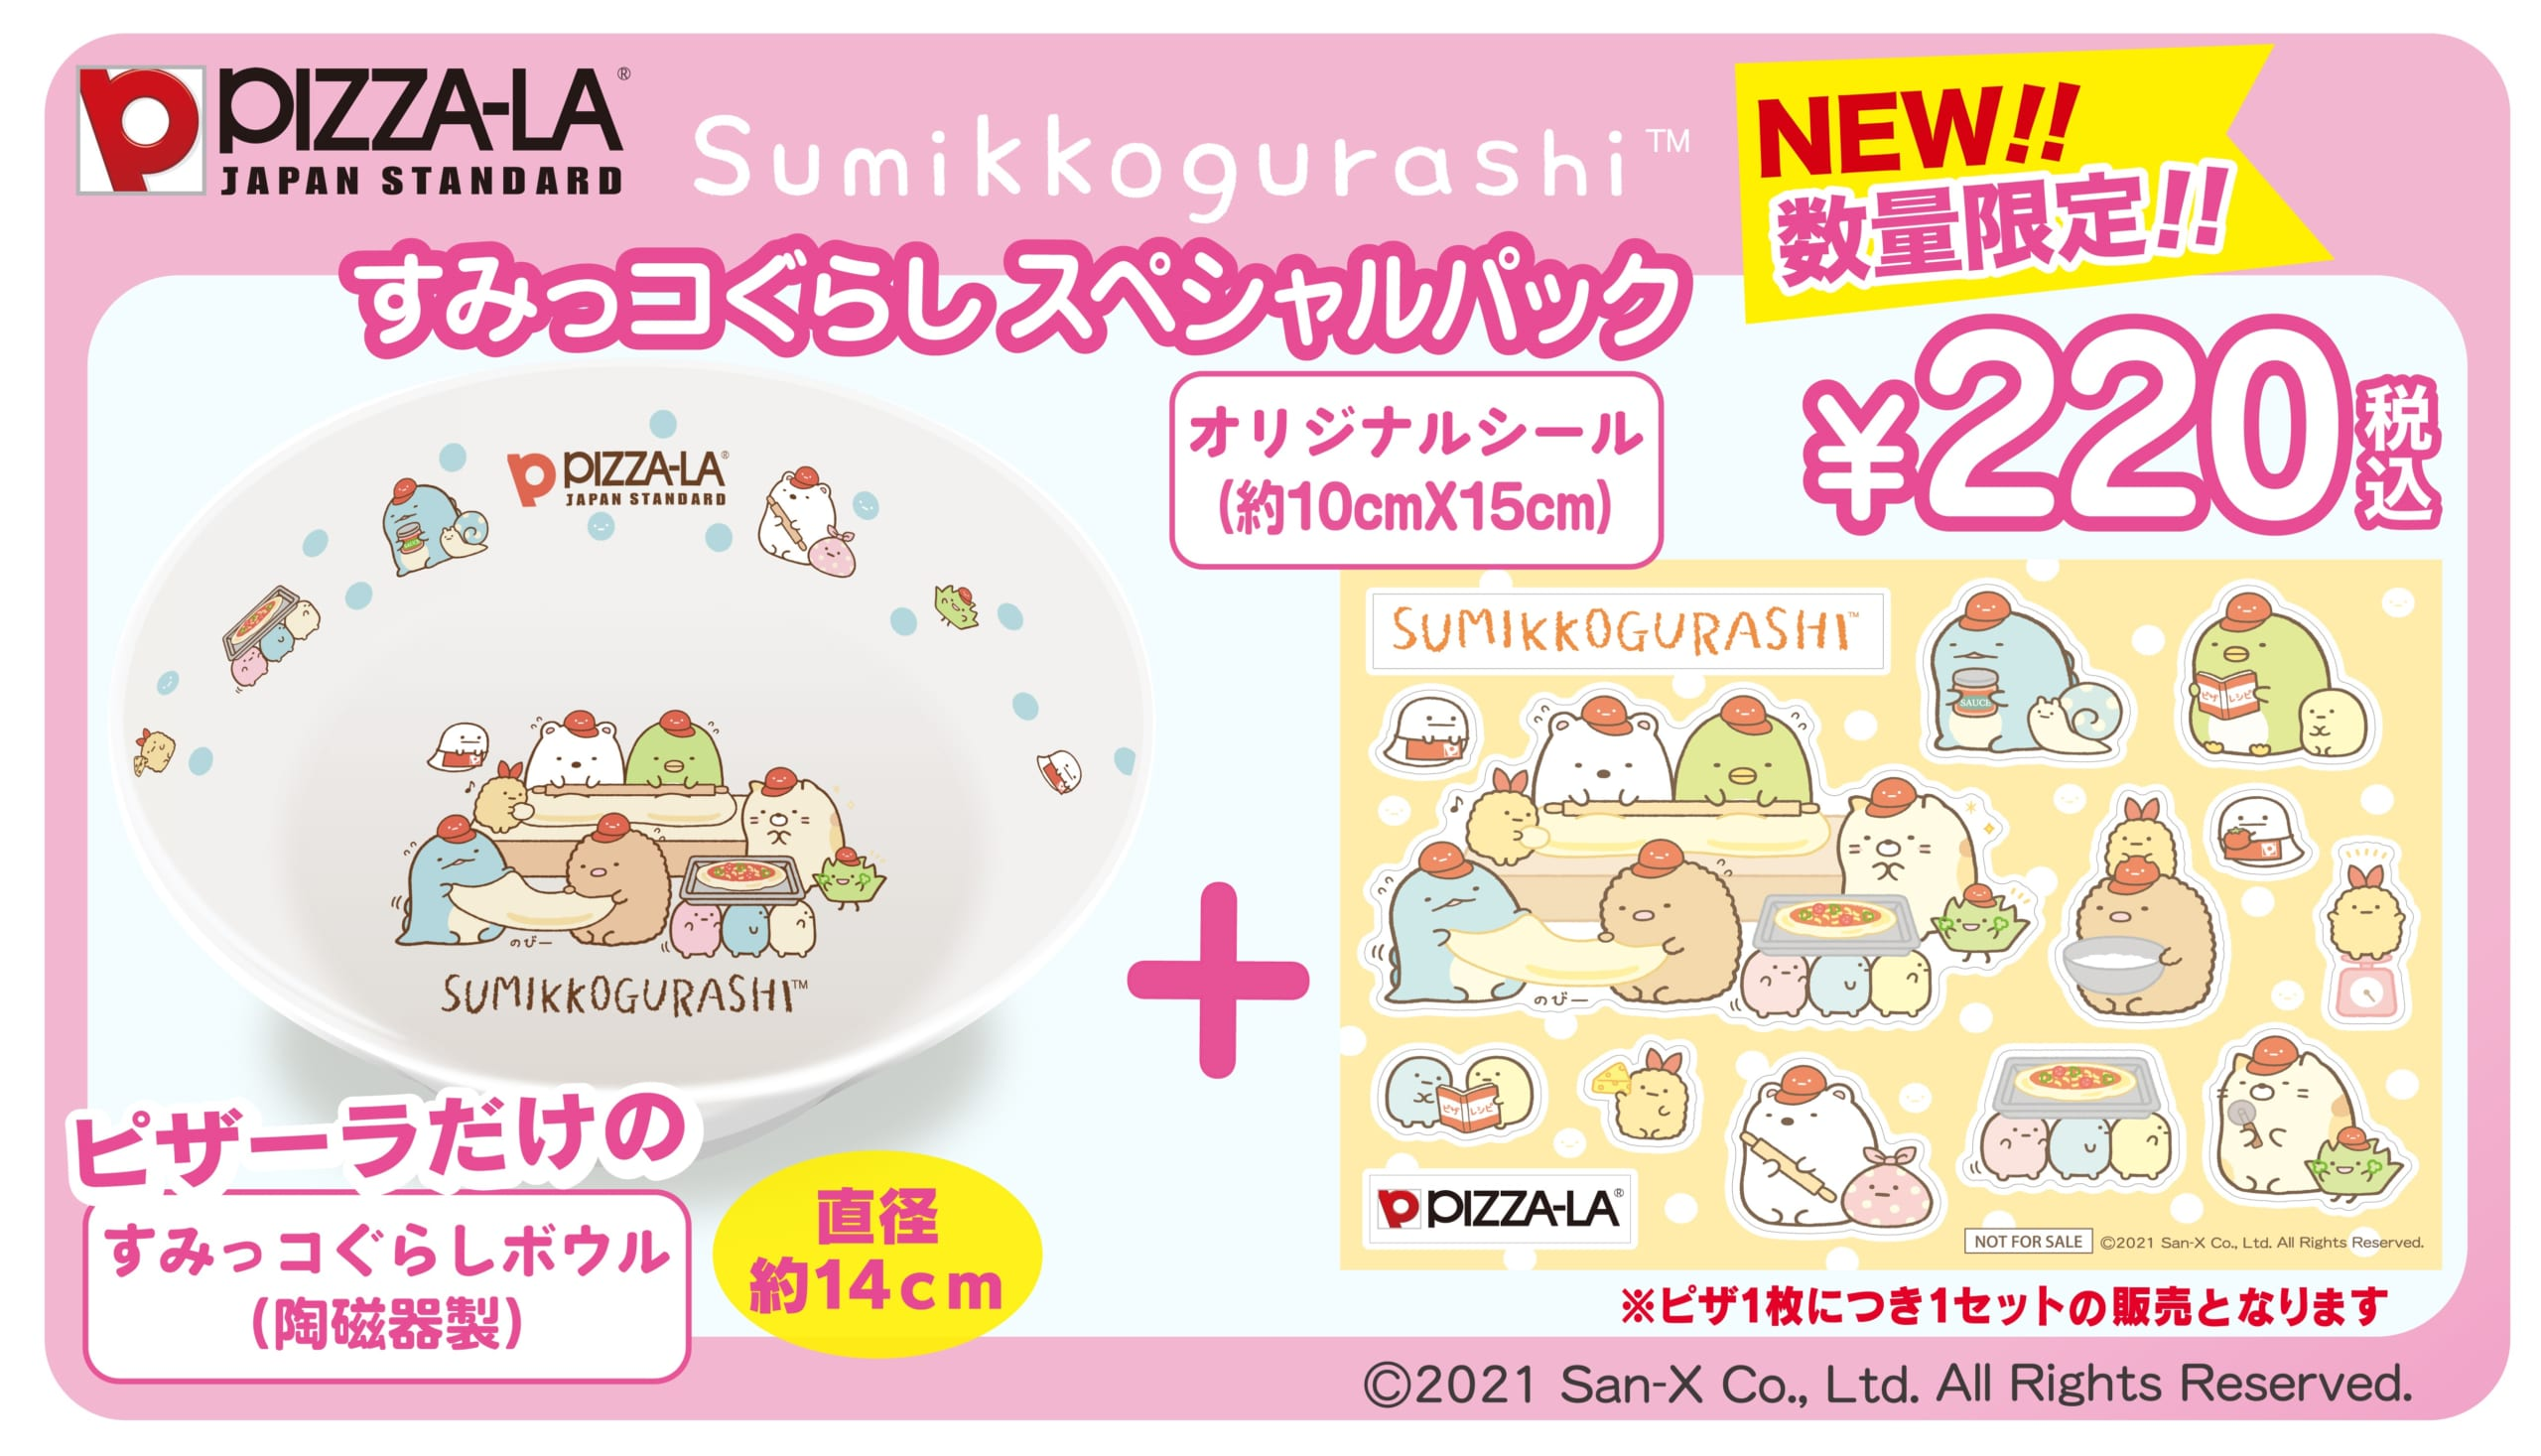 「すみっコぐらし」×「PIZZA-LA」オリジナルデザインのボウル皿&シールが付属するSPメニュー登場!